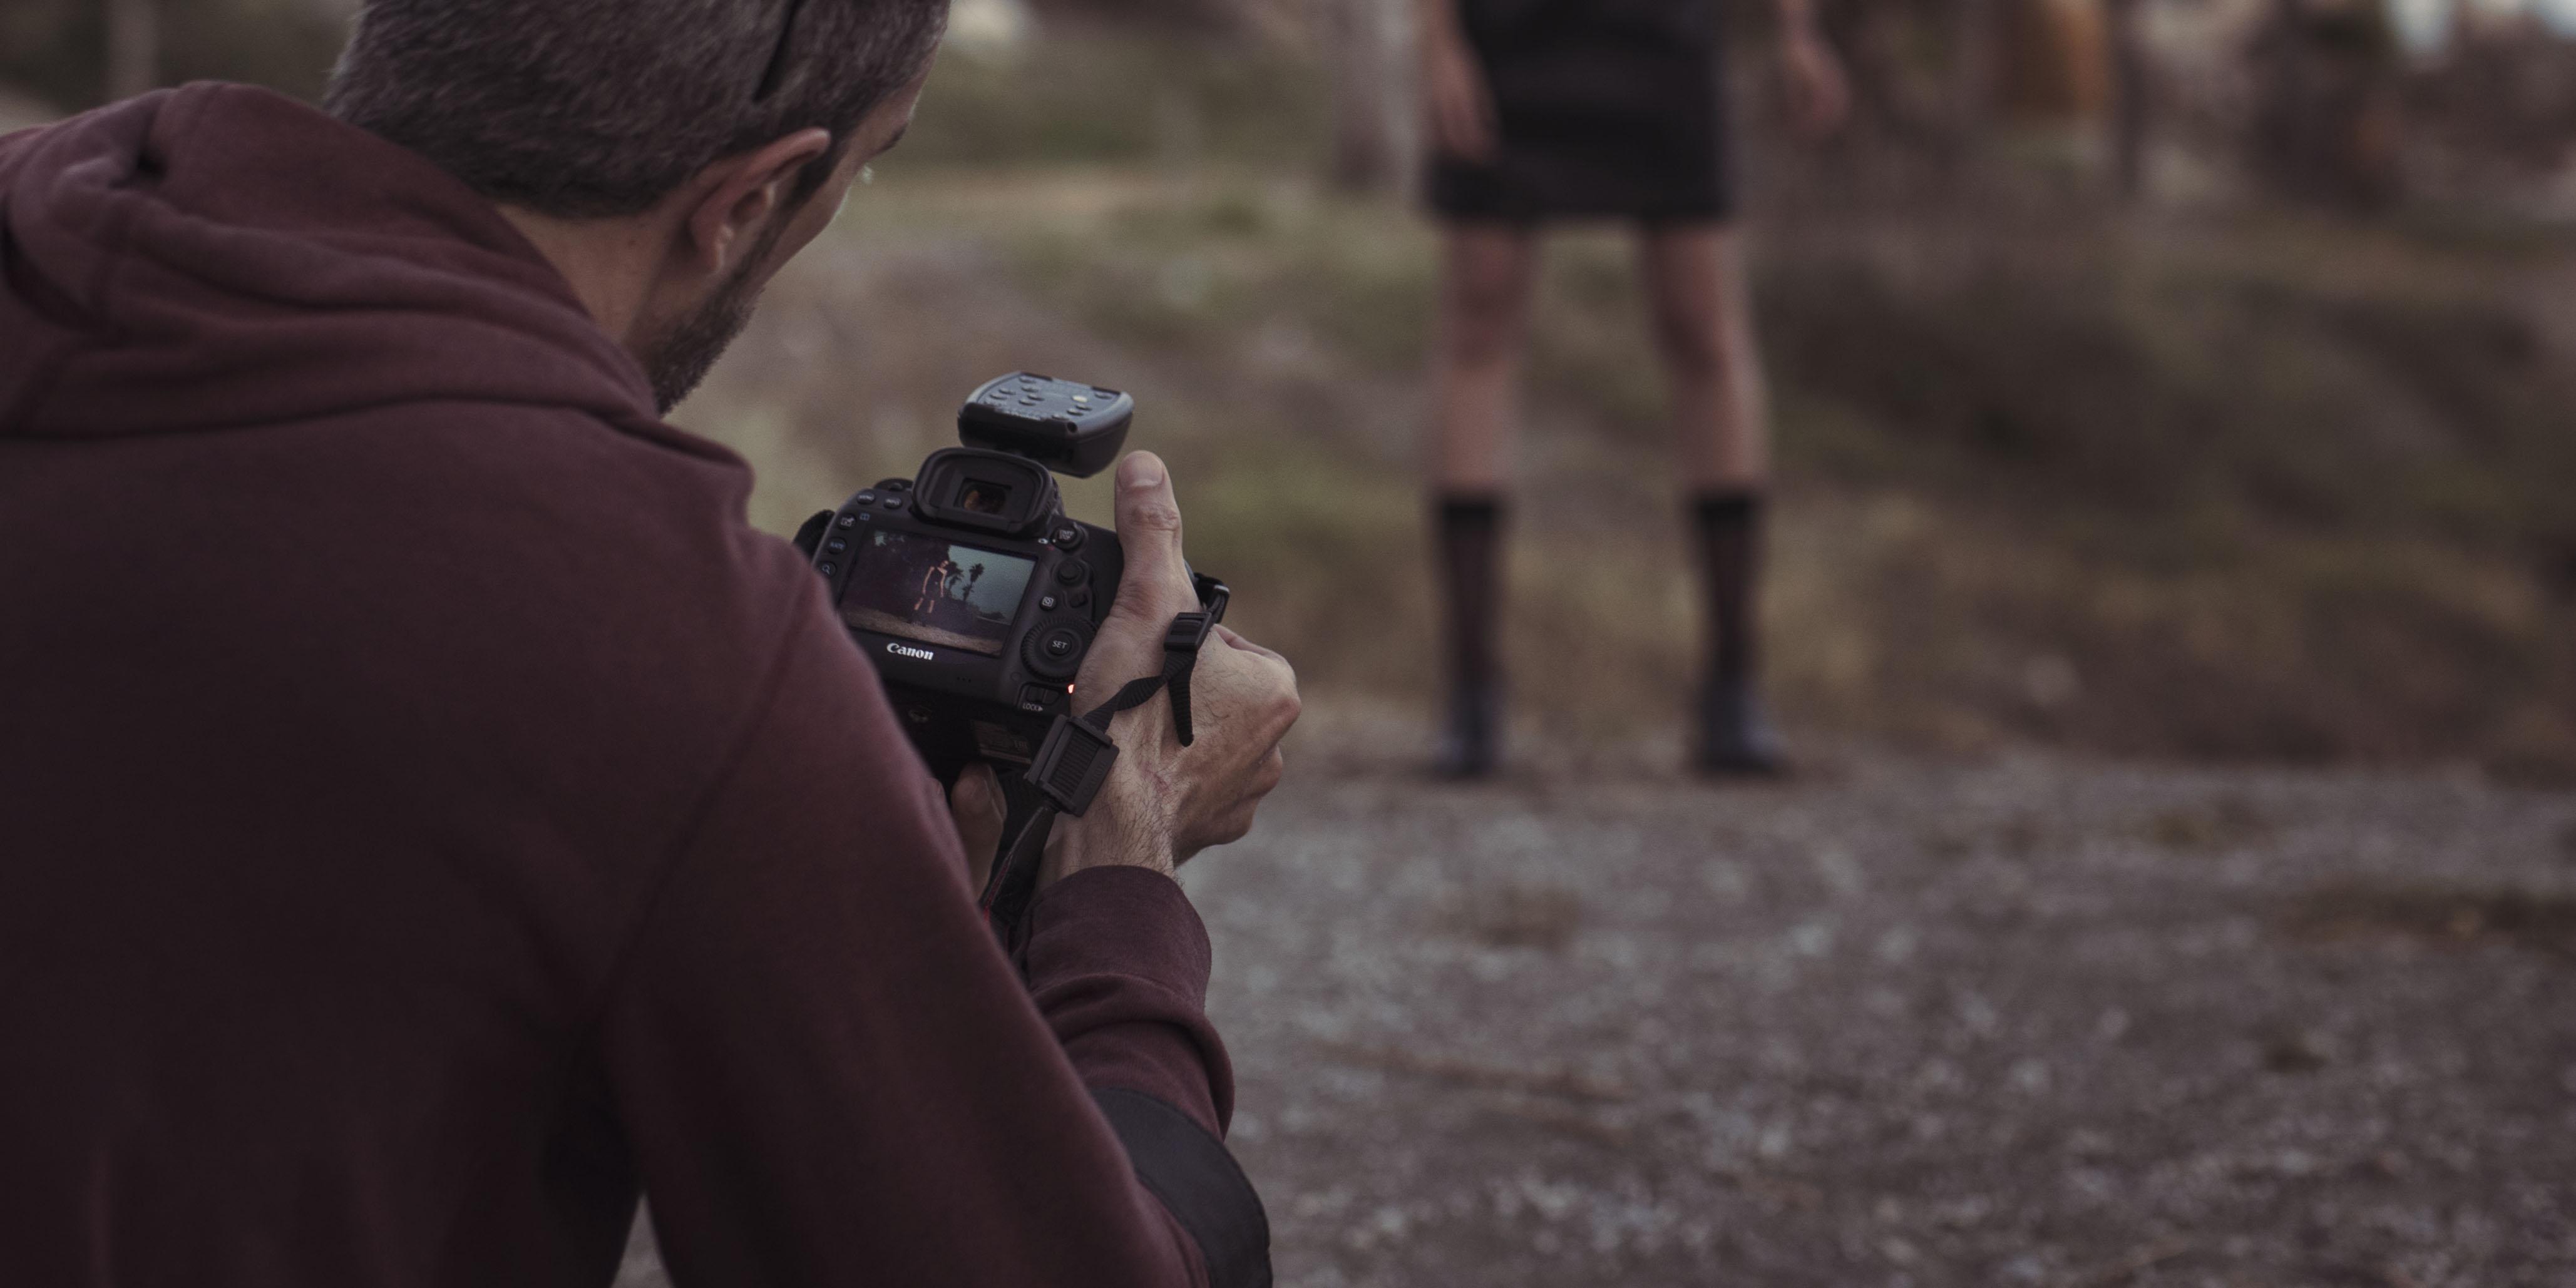 Fotgrafía práctica Editorial Curos profesional fotografía de moda © Jorge Mier-Terán